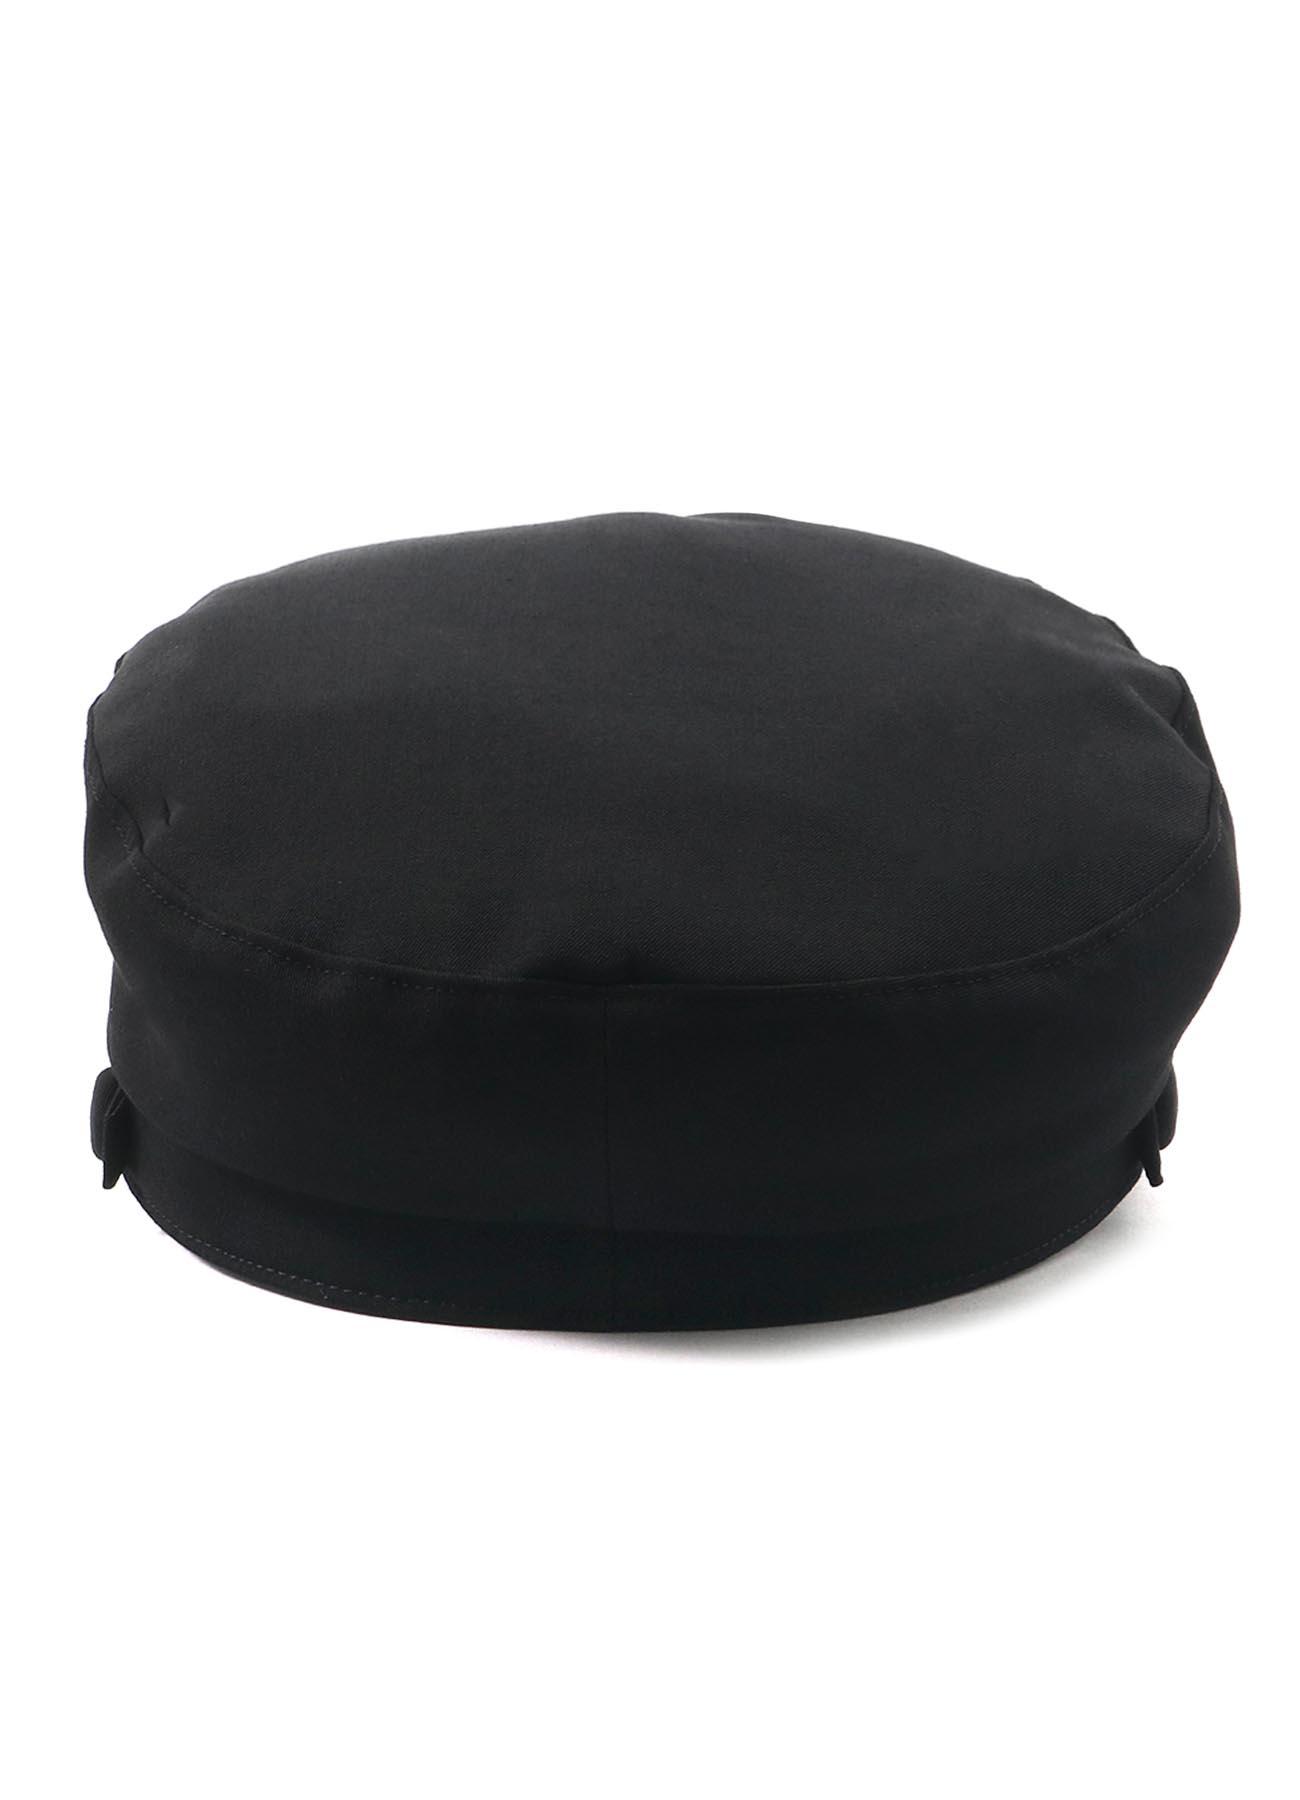 GABARDINE STRAP SAILOR CAP